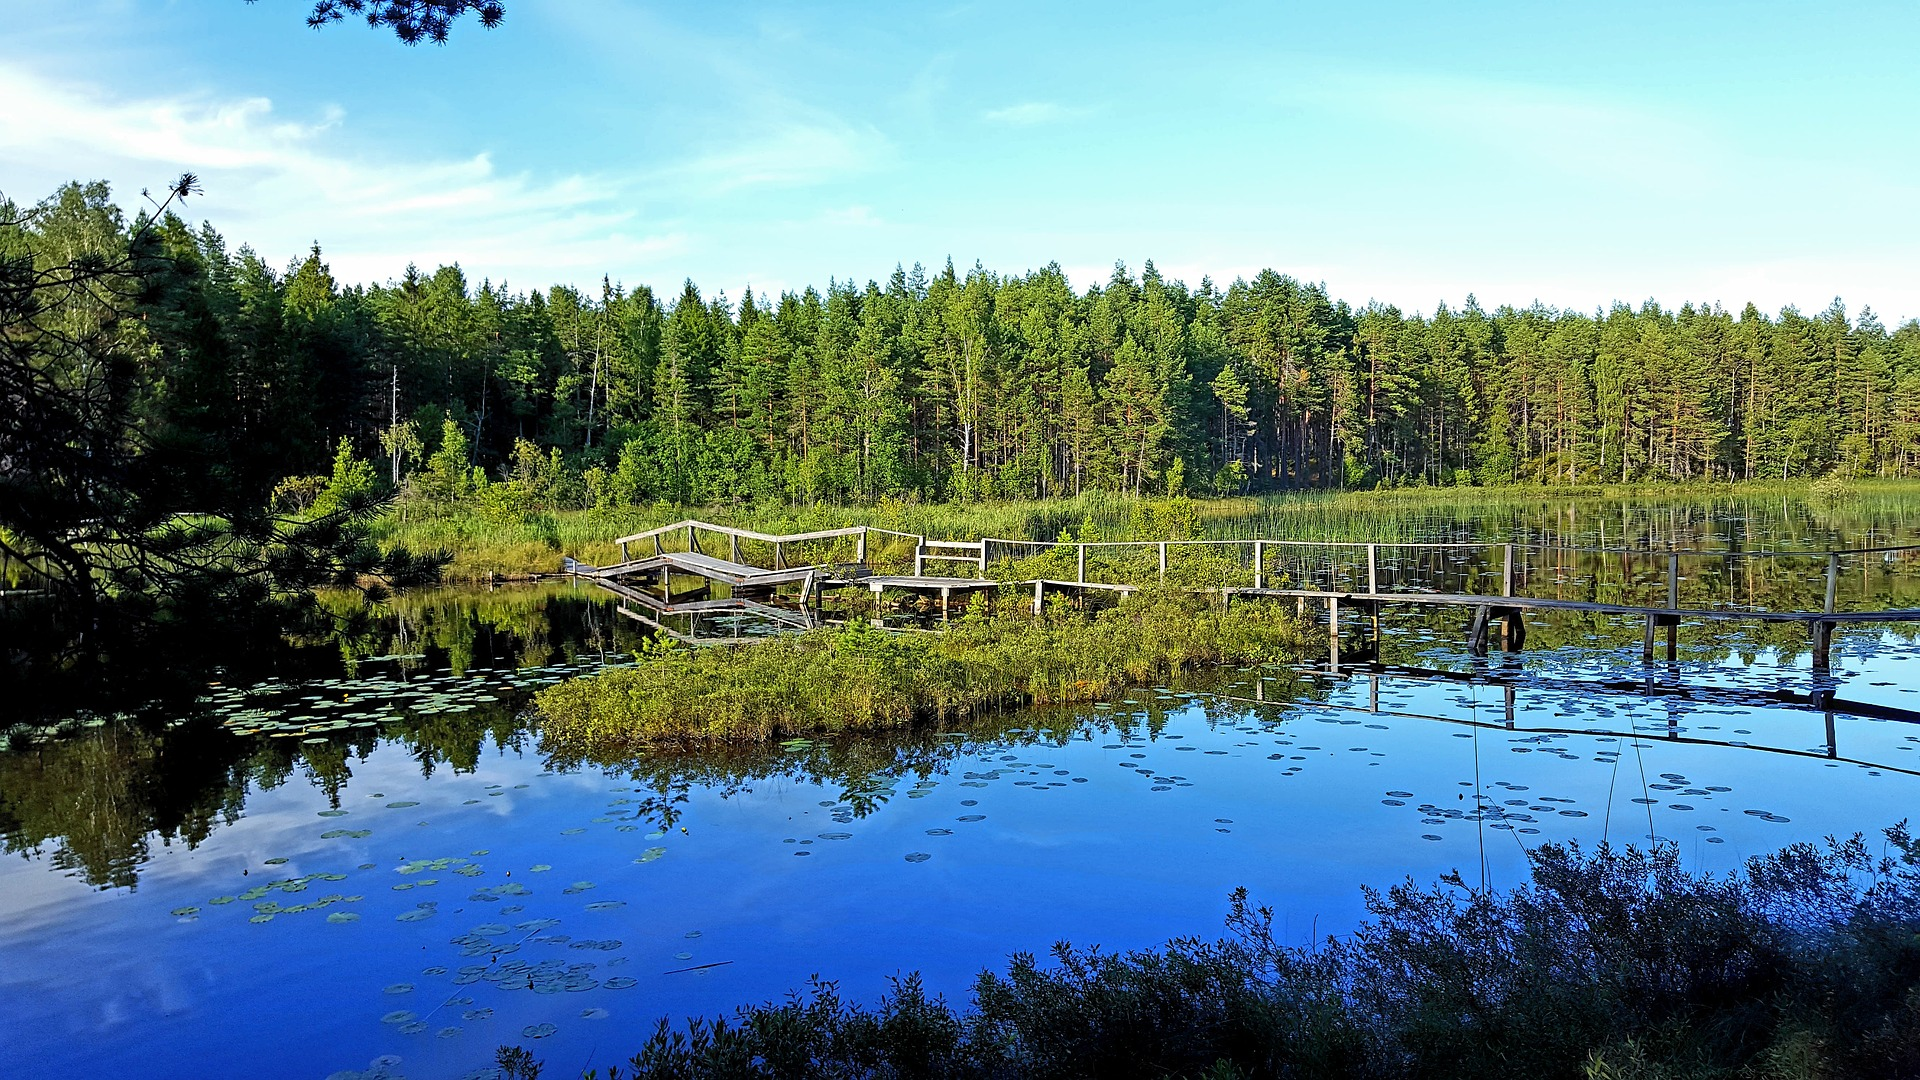 Västmanland angeln schweden